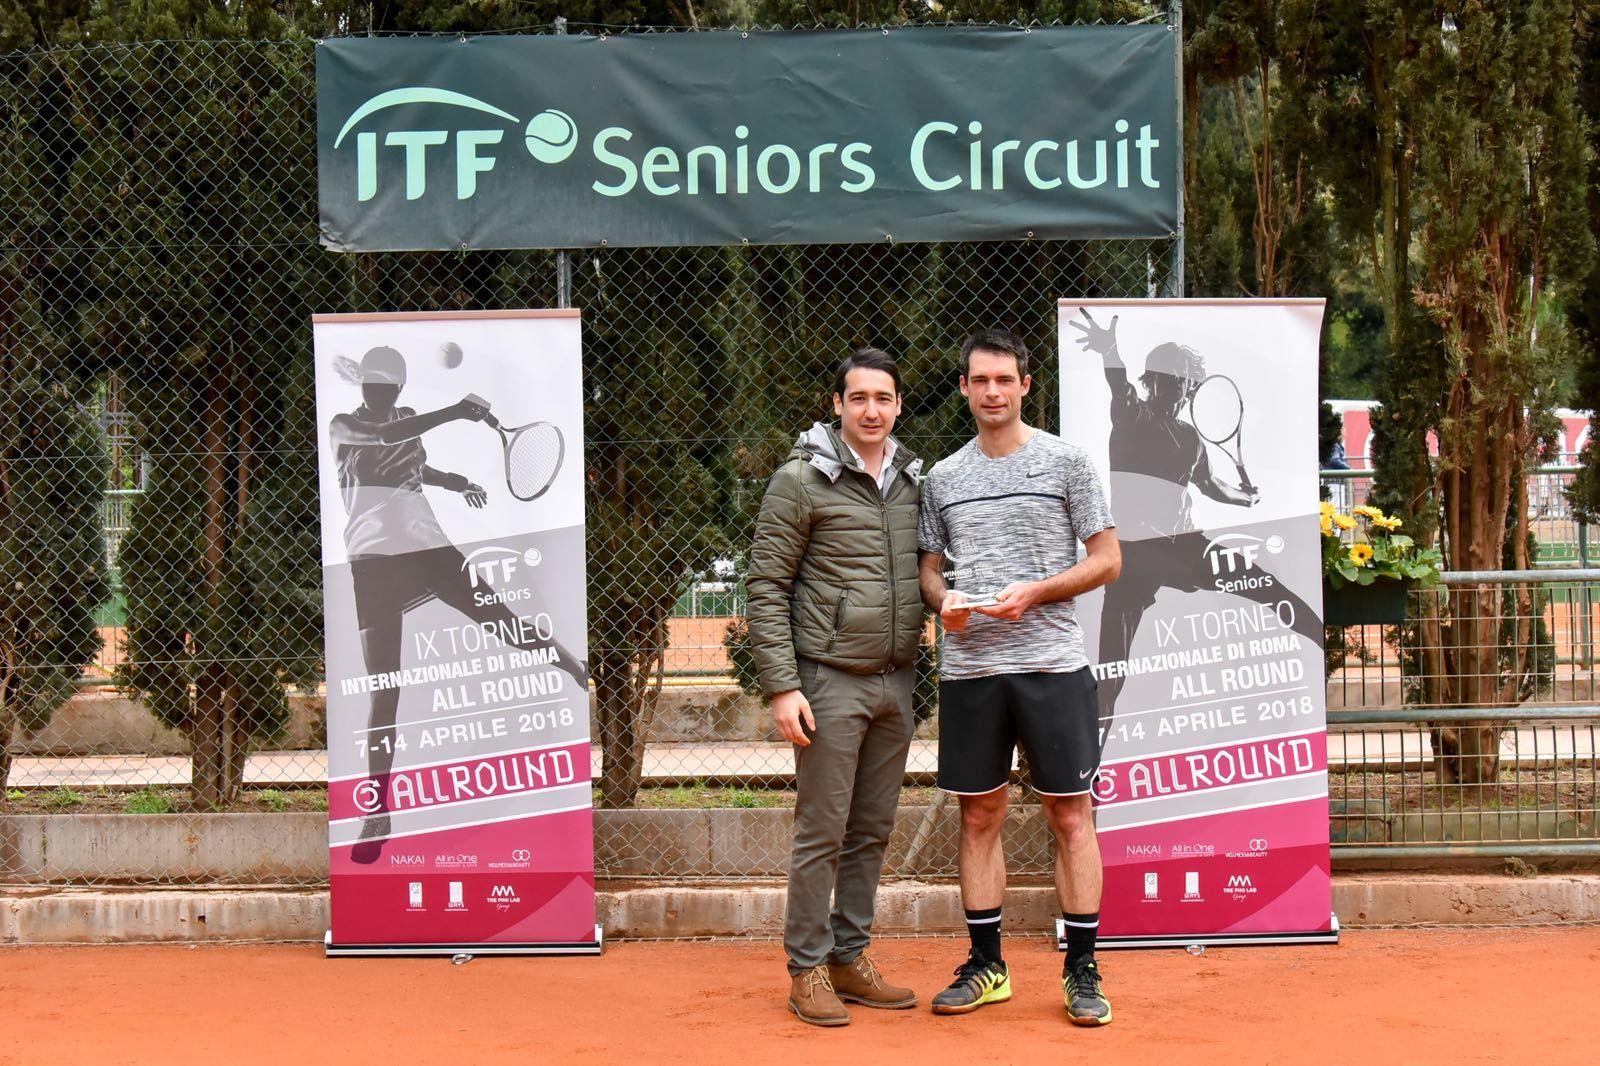 All Round ITF Senior: Trionfo Renault, Catini e Prudente in finale - Foto Roberto Di Tondo